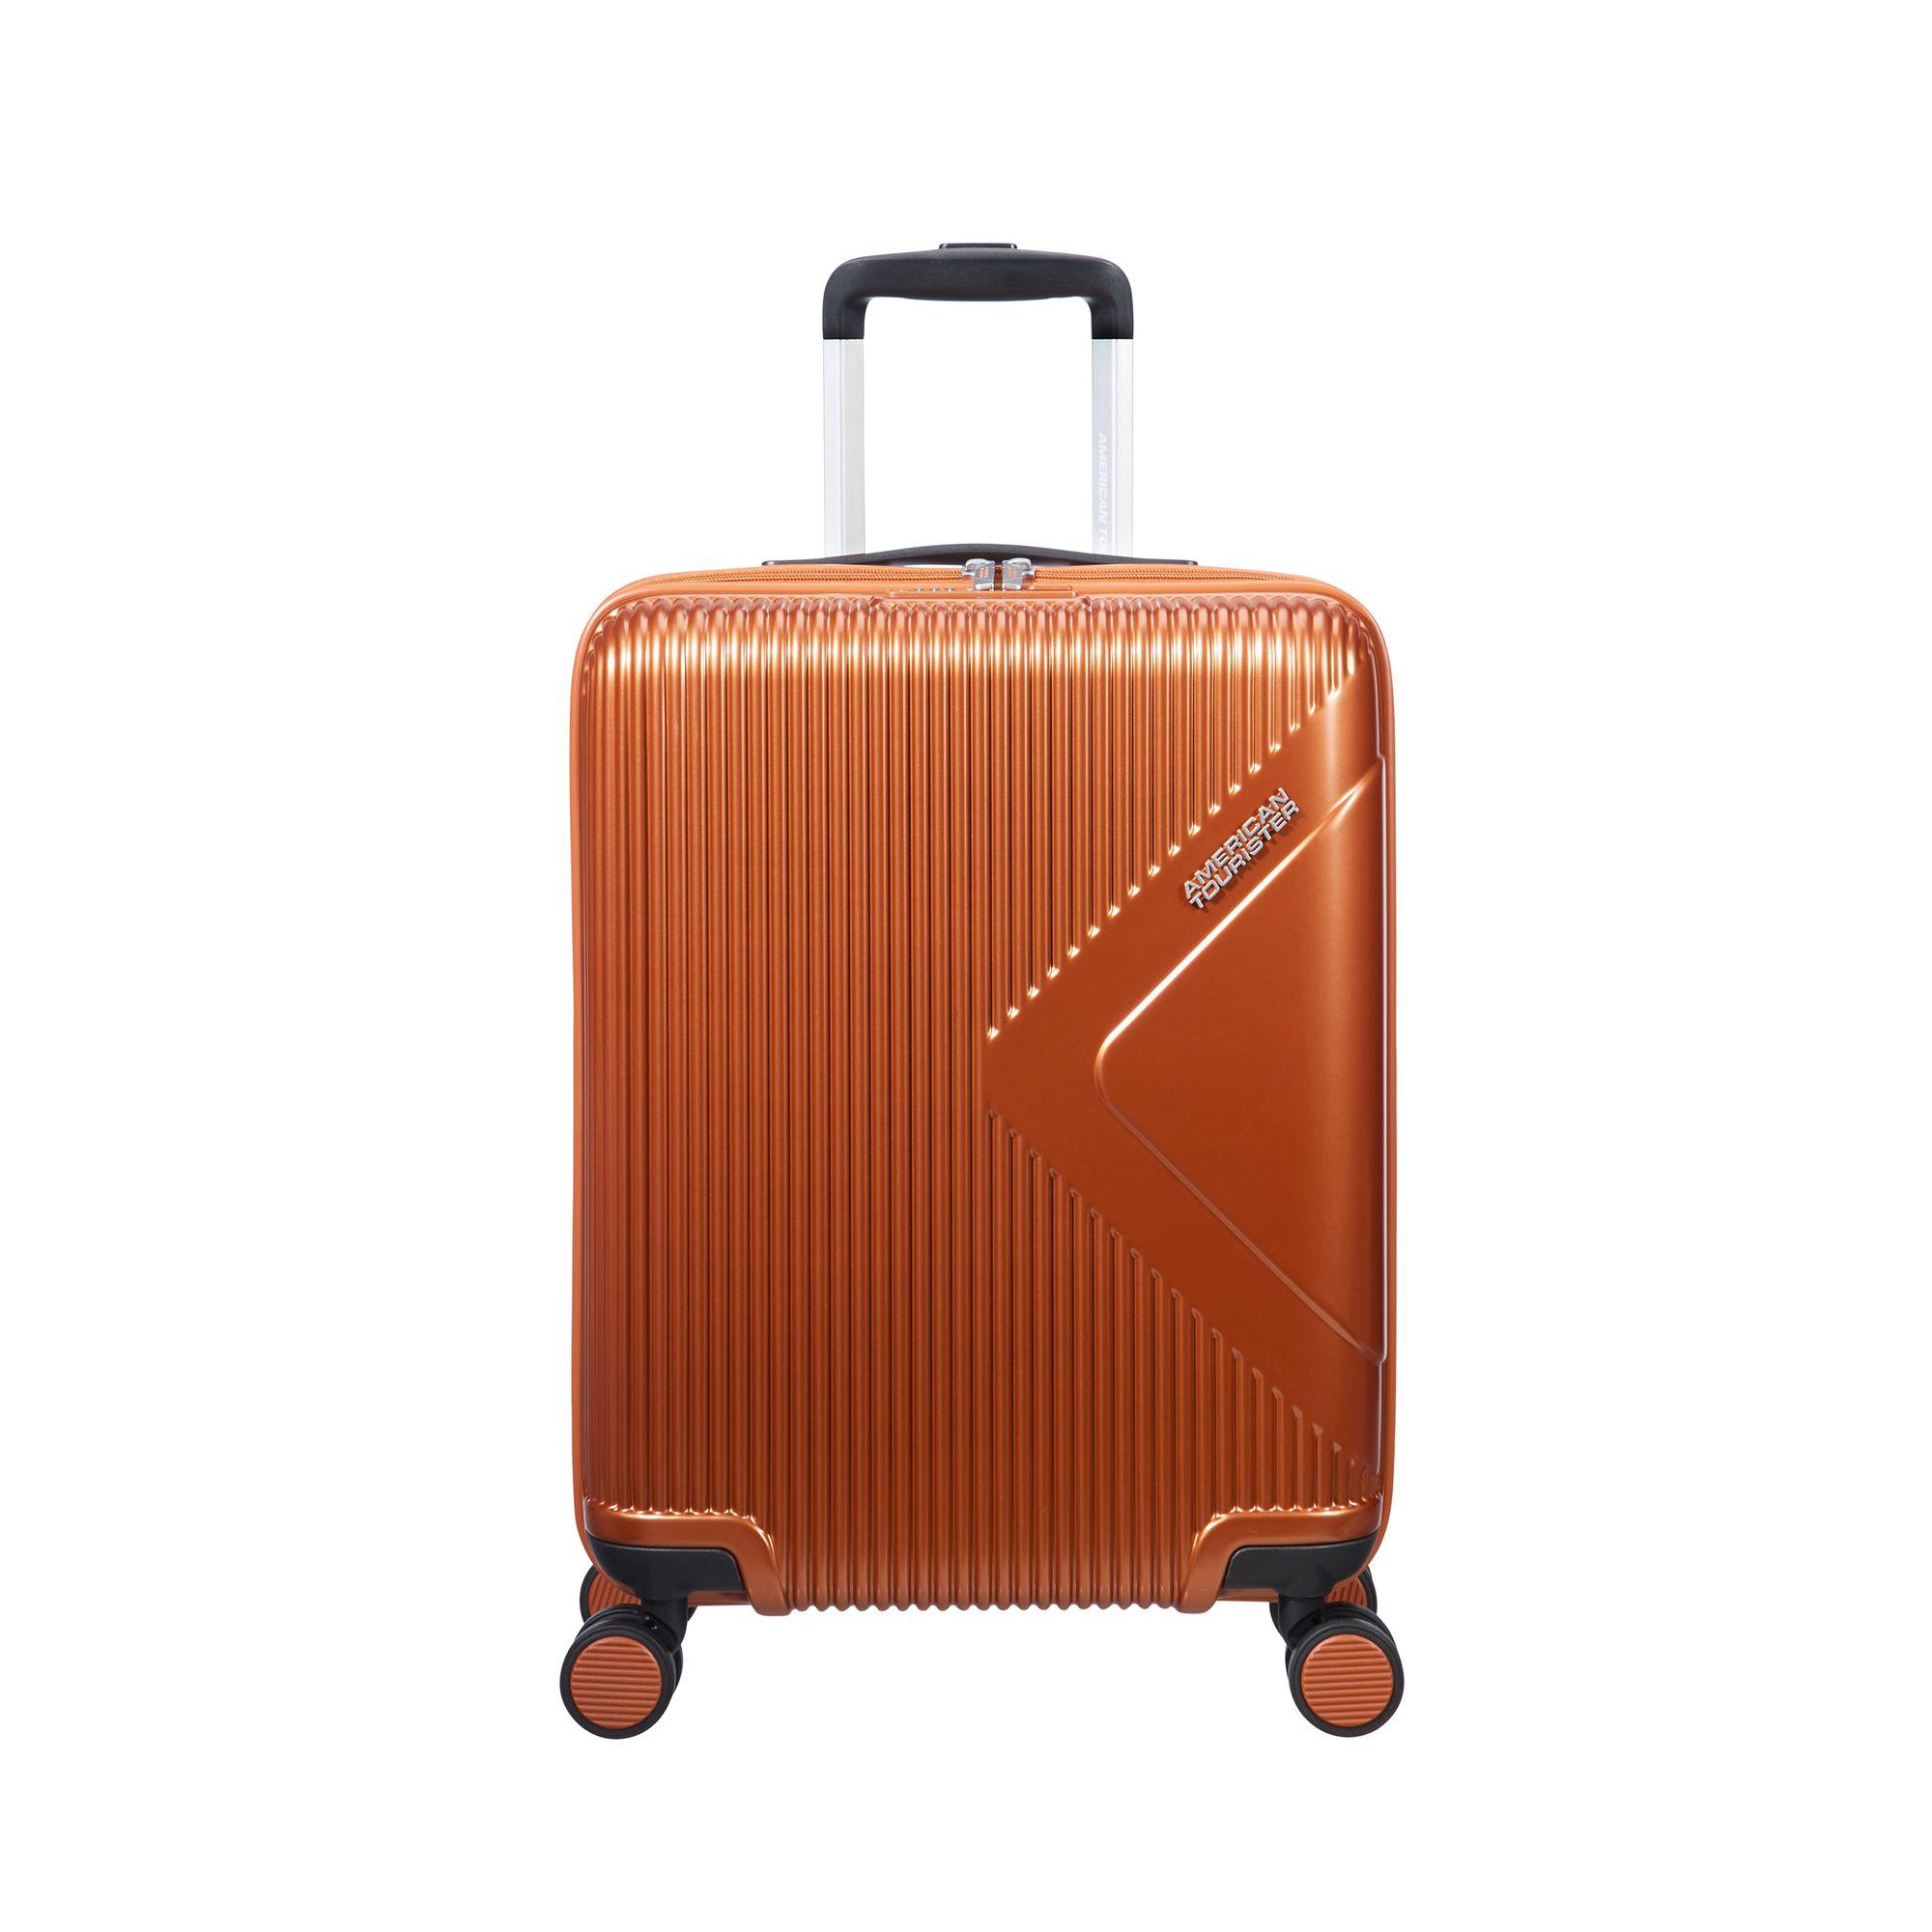 Bilde av American Tourister Modern Dream, Hård Kabinväska, 55cm, Orange